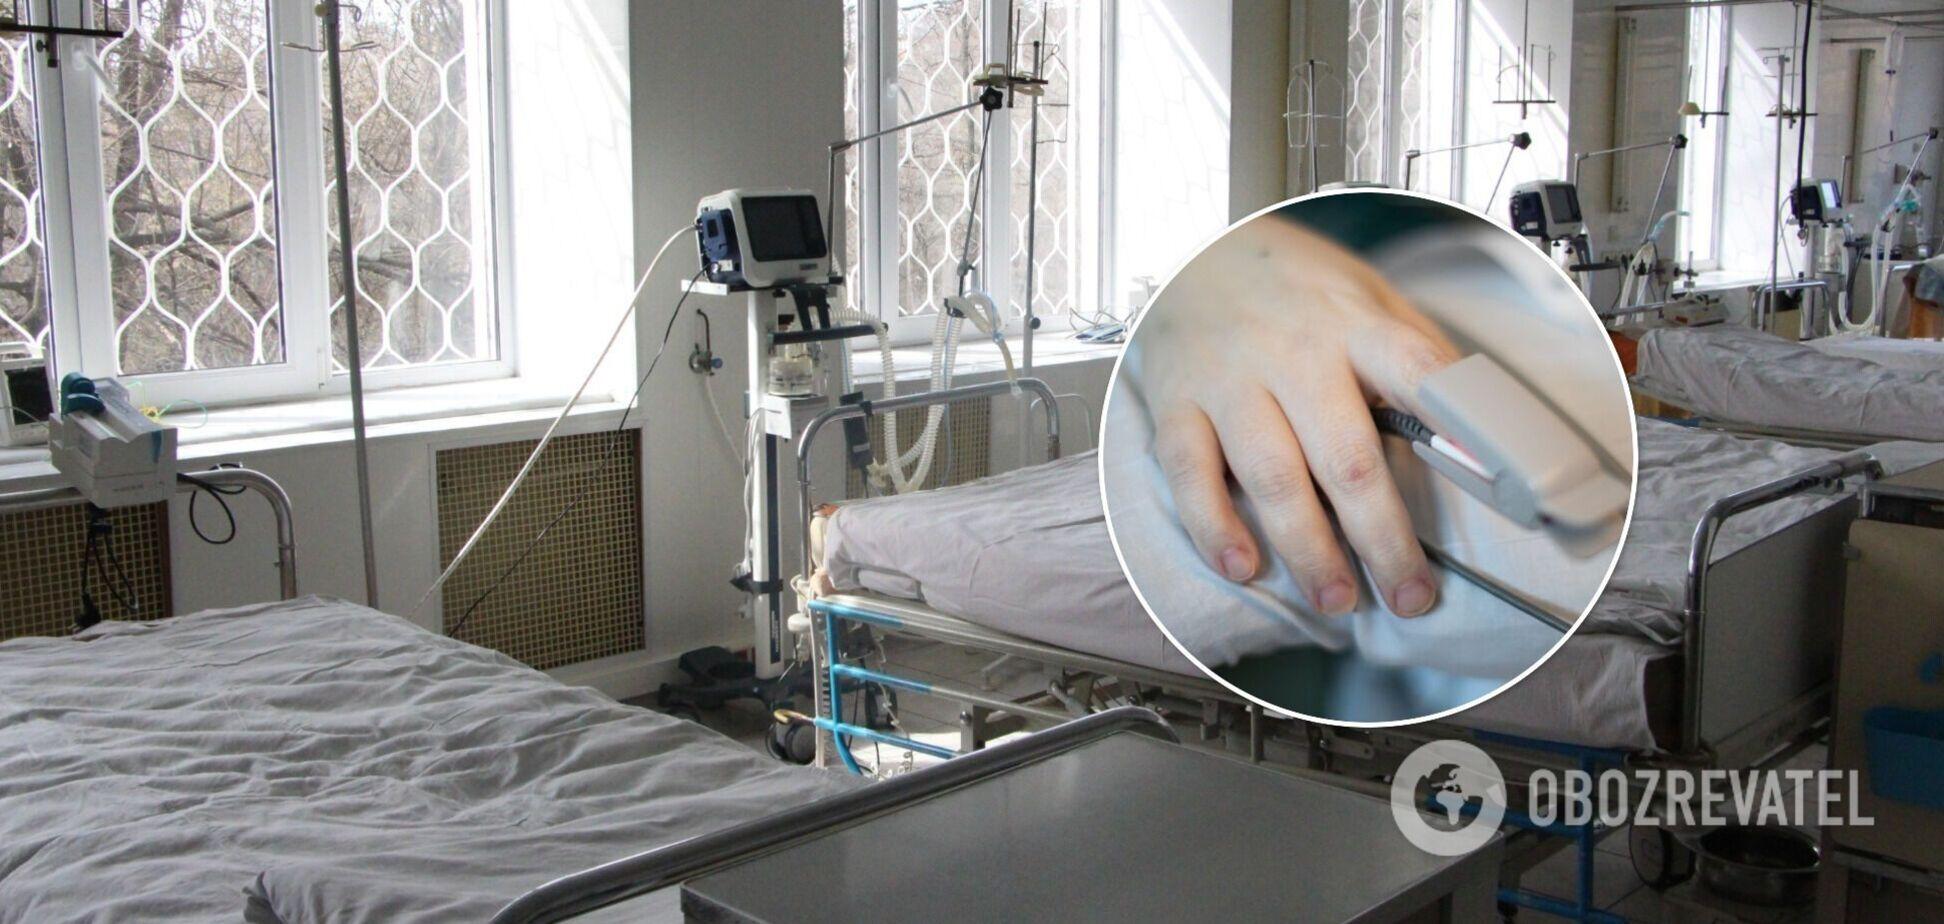 Волонтер рассказала, как в Украине врачи подделывают справки для выписки 'тяжелых' пациентов с COVID-19. Фото